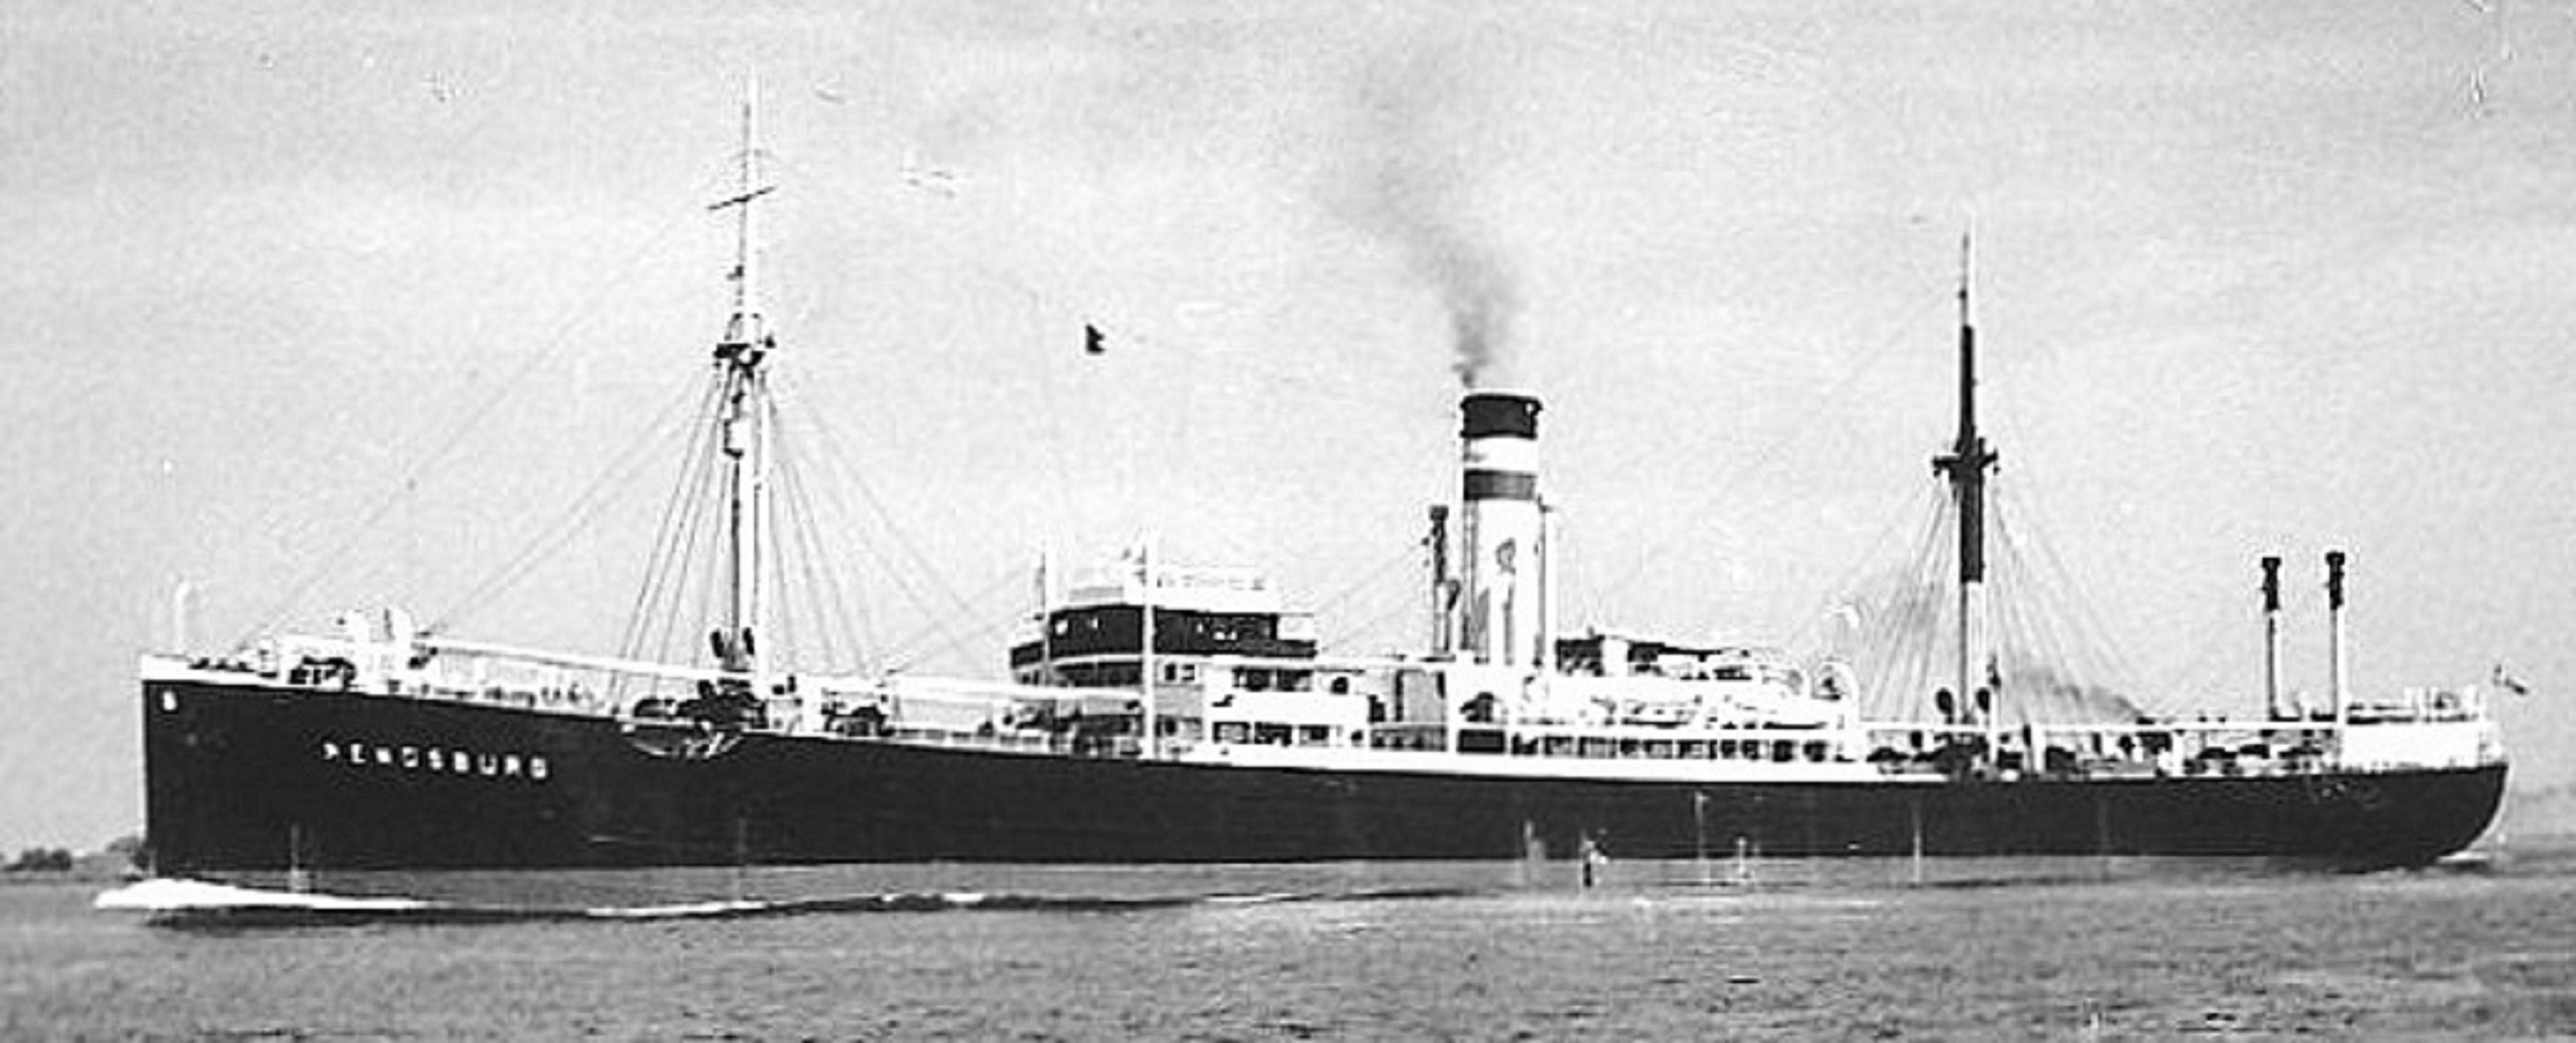 Transpacific Steamship Rendsburg/Tango Maru Circa 1926